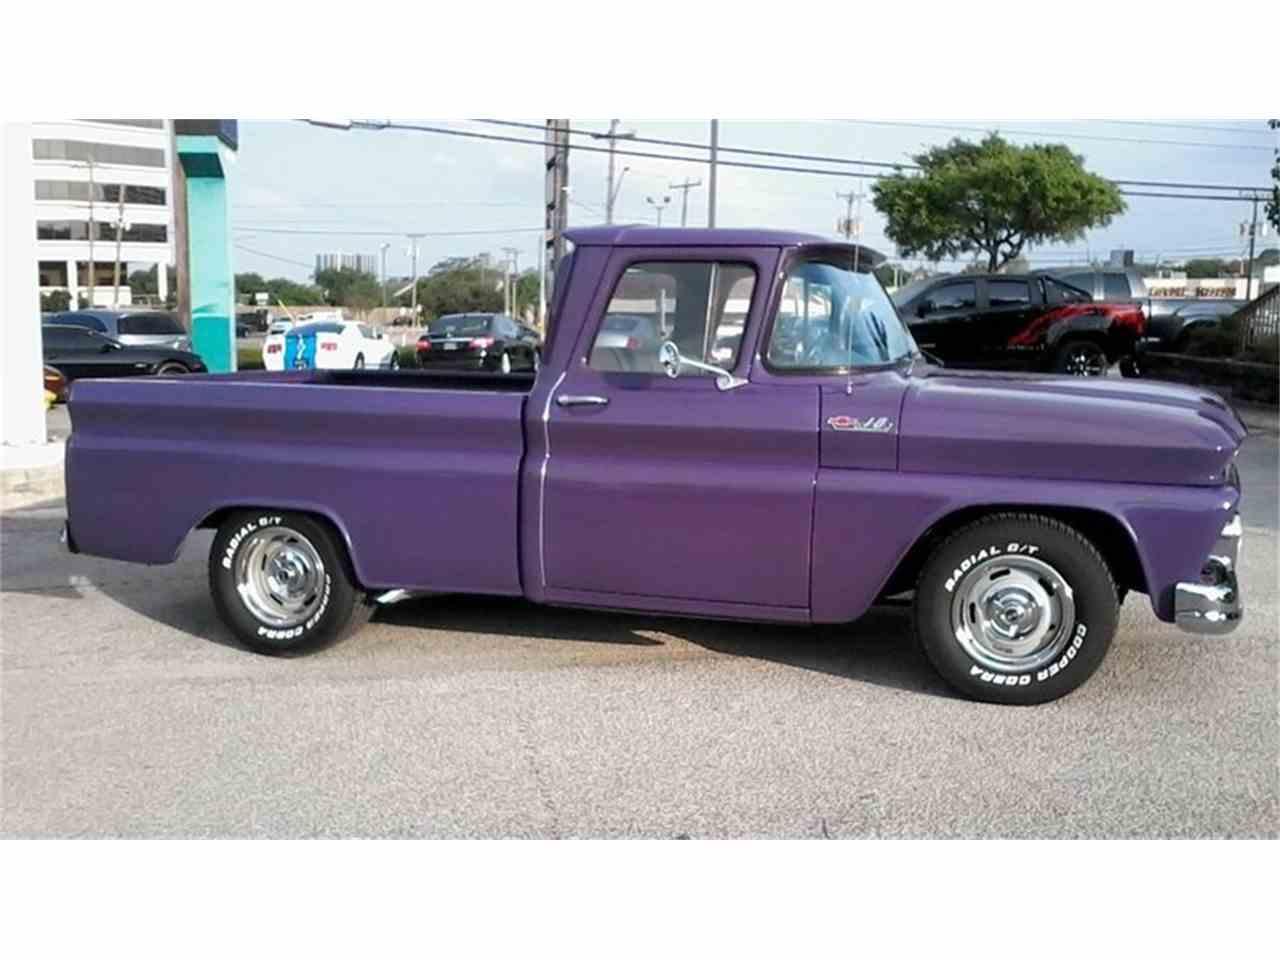 free chevrolet pinterest center auto chevy pin texas suburban tx roadside midland